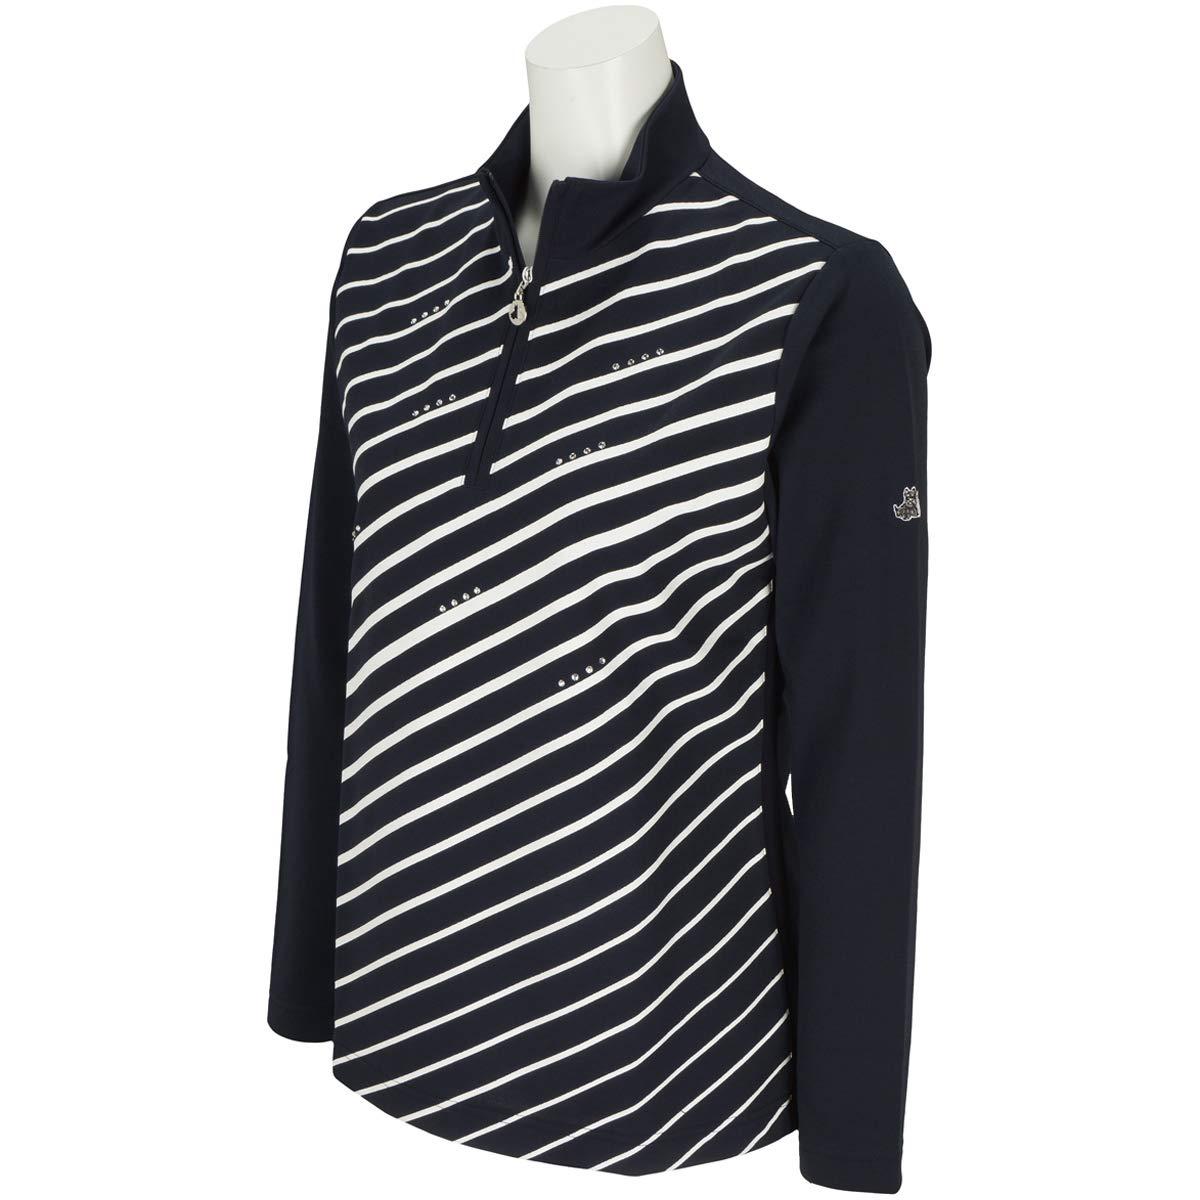 ブラック&ホワイト Black & White 長袖シャツポロシャツ 長袖ハイネックシャツ レディス M ネイビー B07RLPMKBV